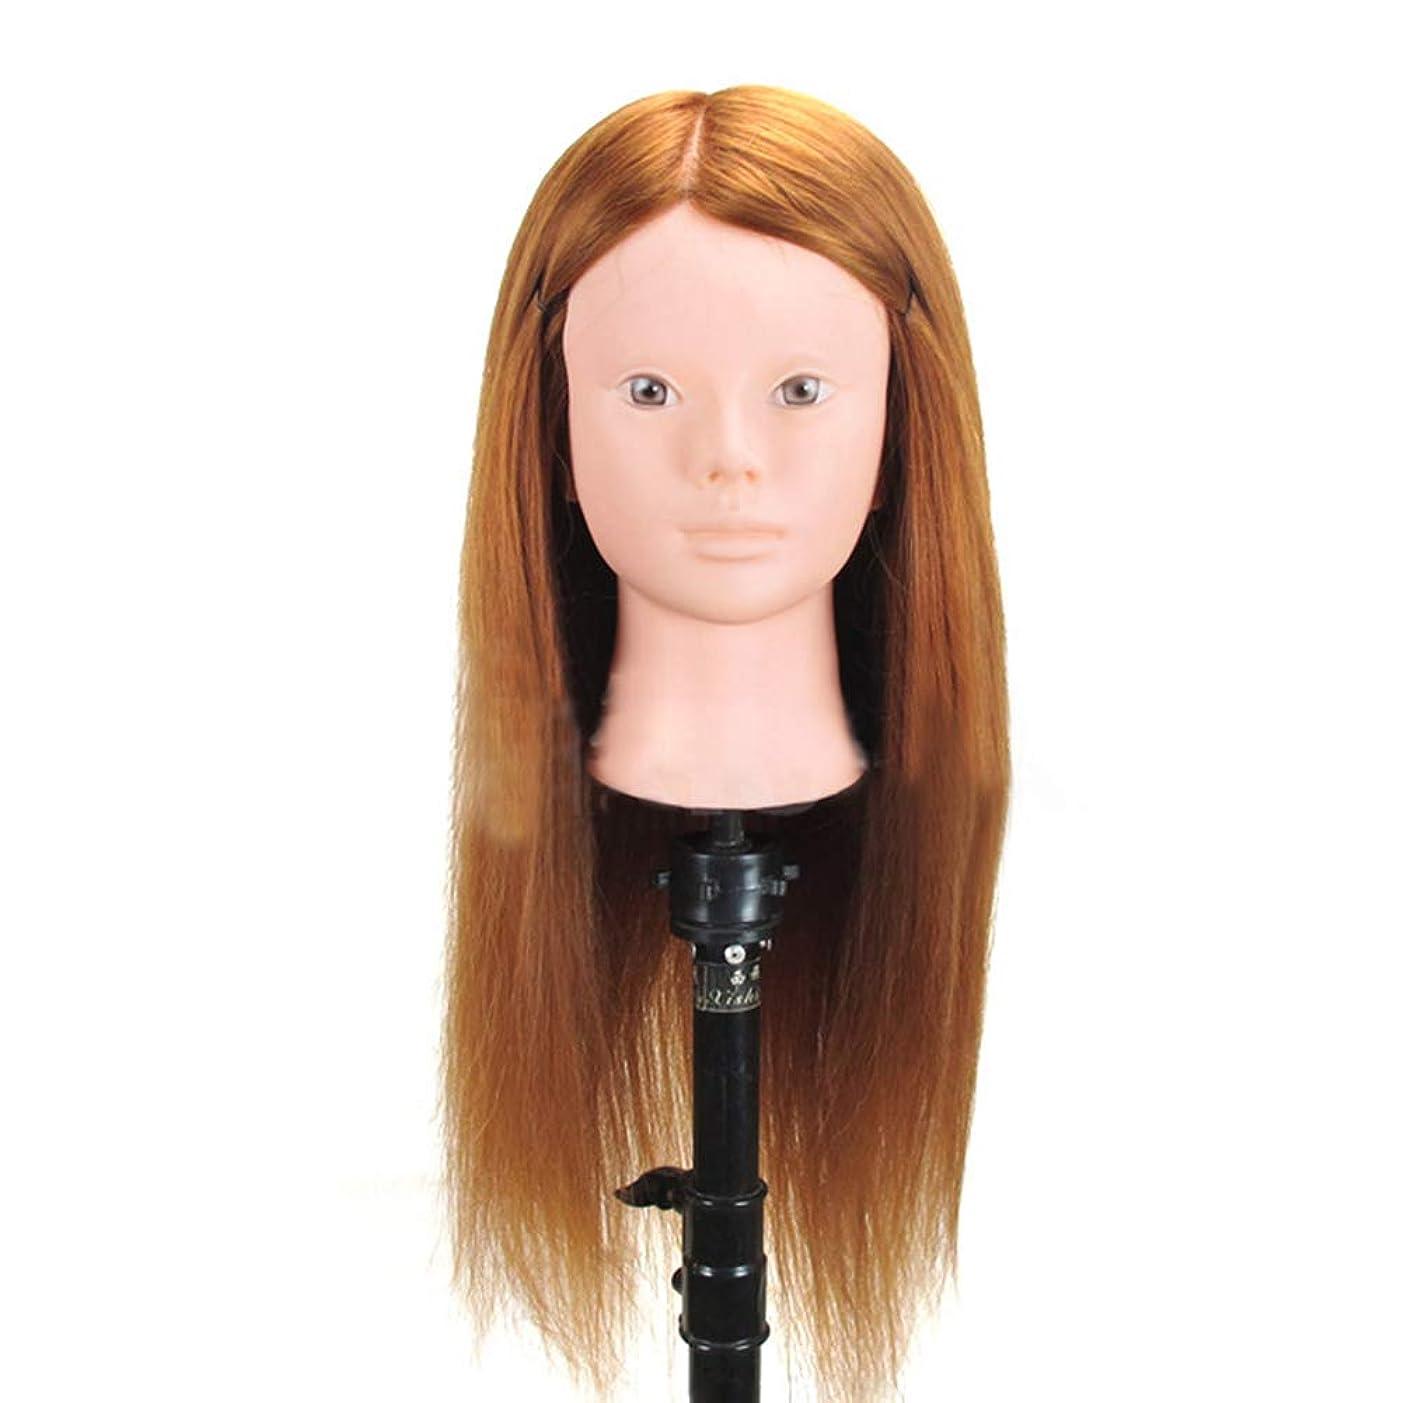 チューインガム公演月高温シルクヘアマネキンヘッド編組ヘアヘアピンヘッドモデルサロンパーマ髪染め学習ダミーヘッド